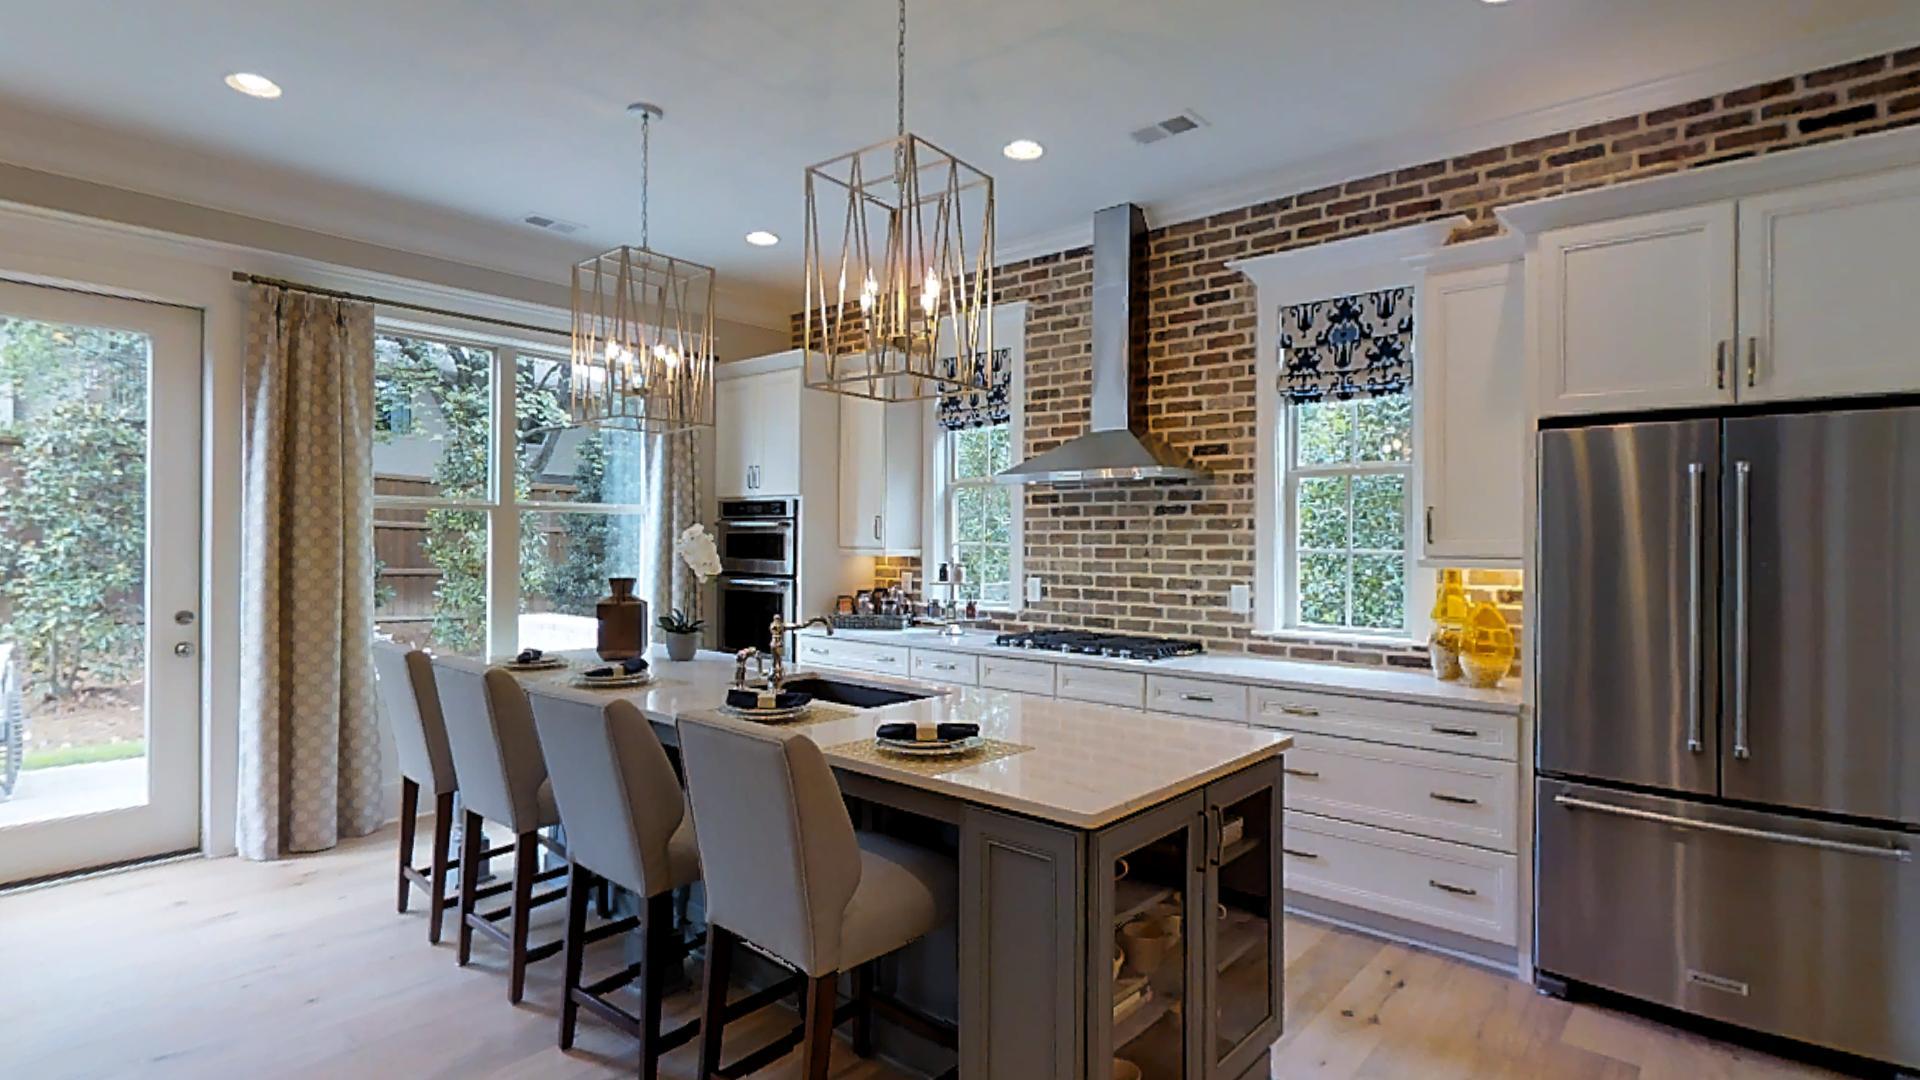 Edward Andrews Homes: Havenridge at Indian Hills – Concord Designer Model